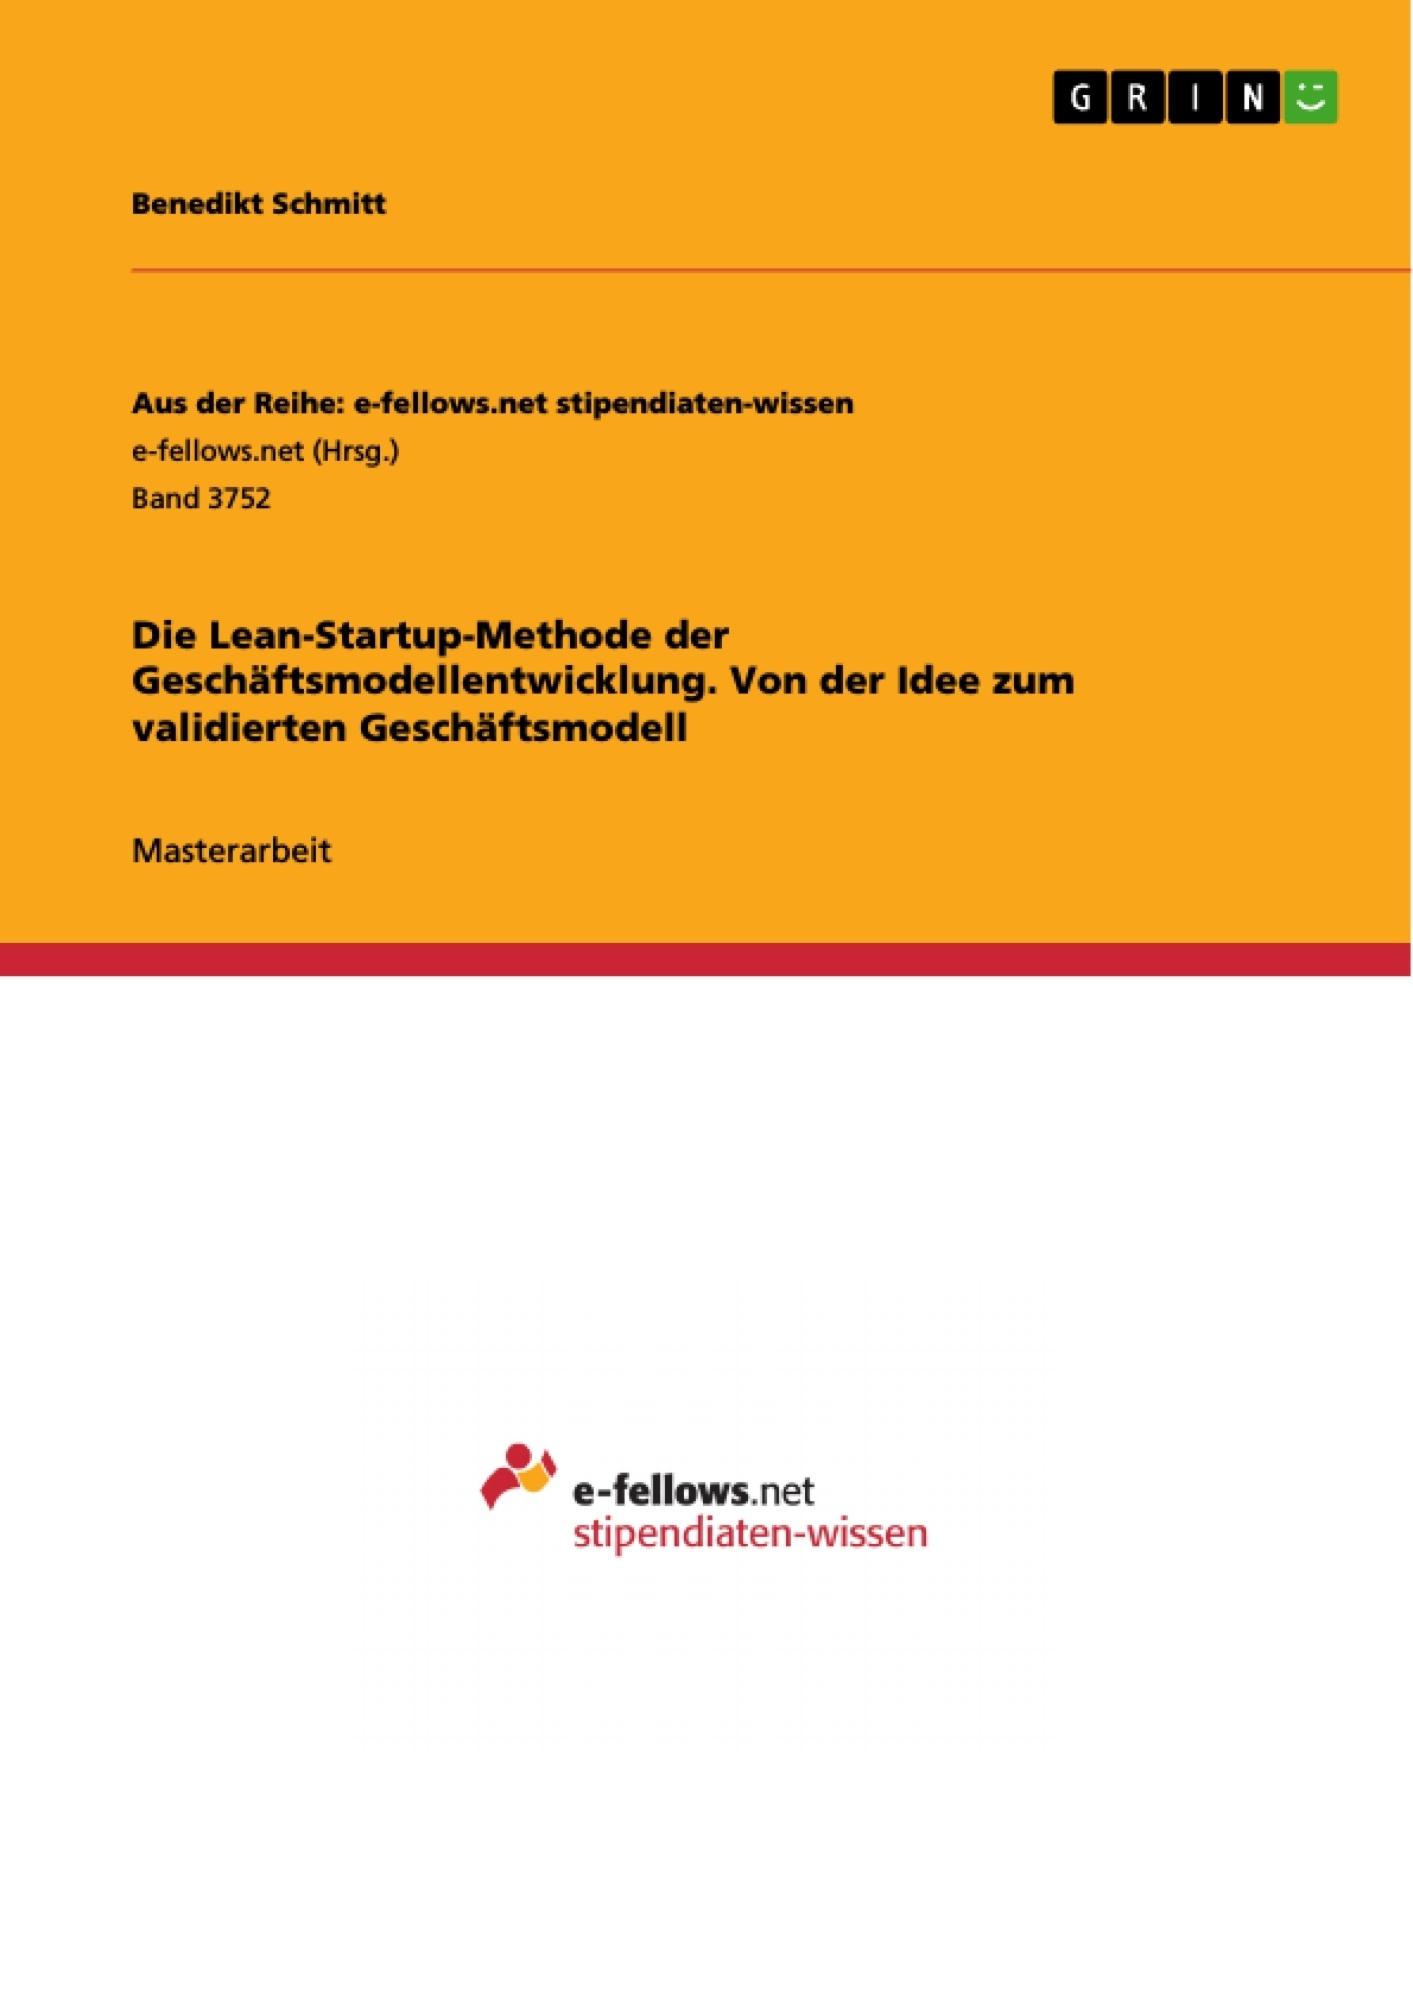 Titel: Die Lean-Startup-Methode der Geschäftsmodellentwicklung. Von der Idee zum validierten Geschäftsmodell